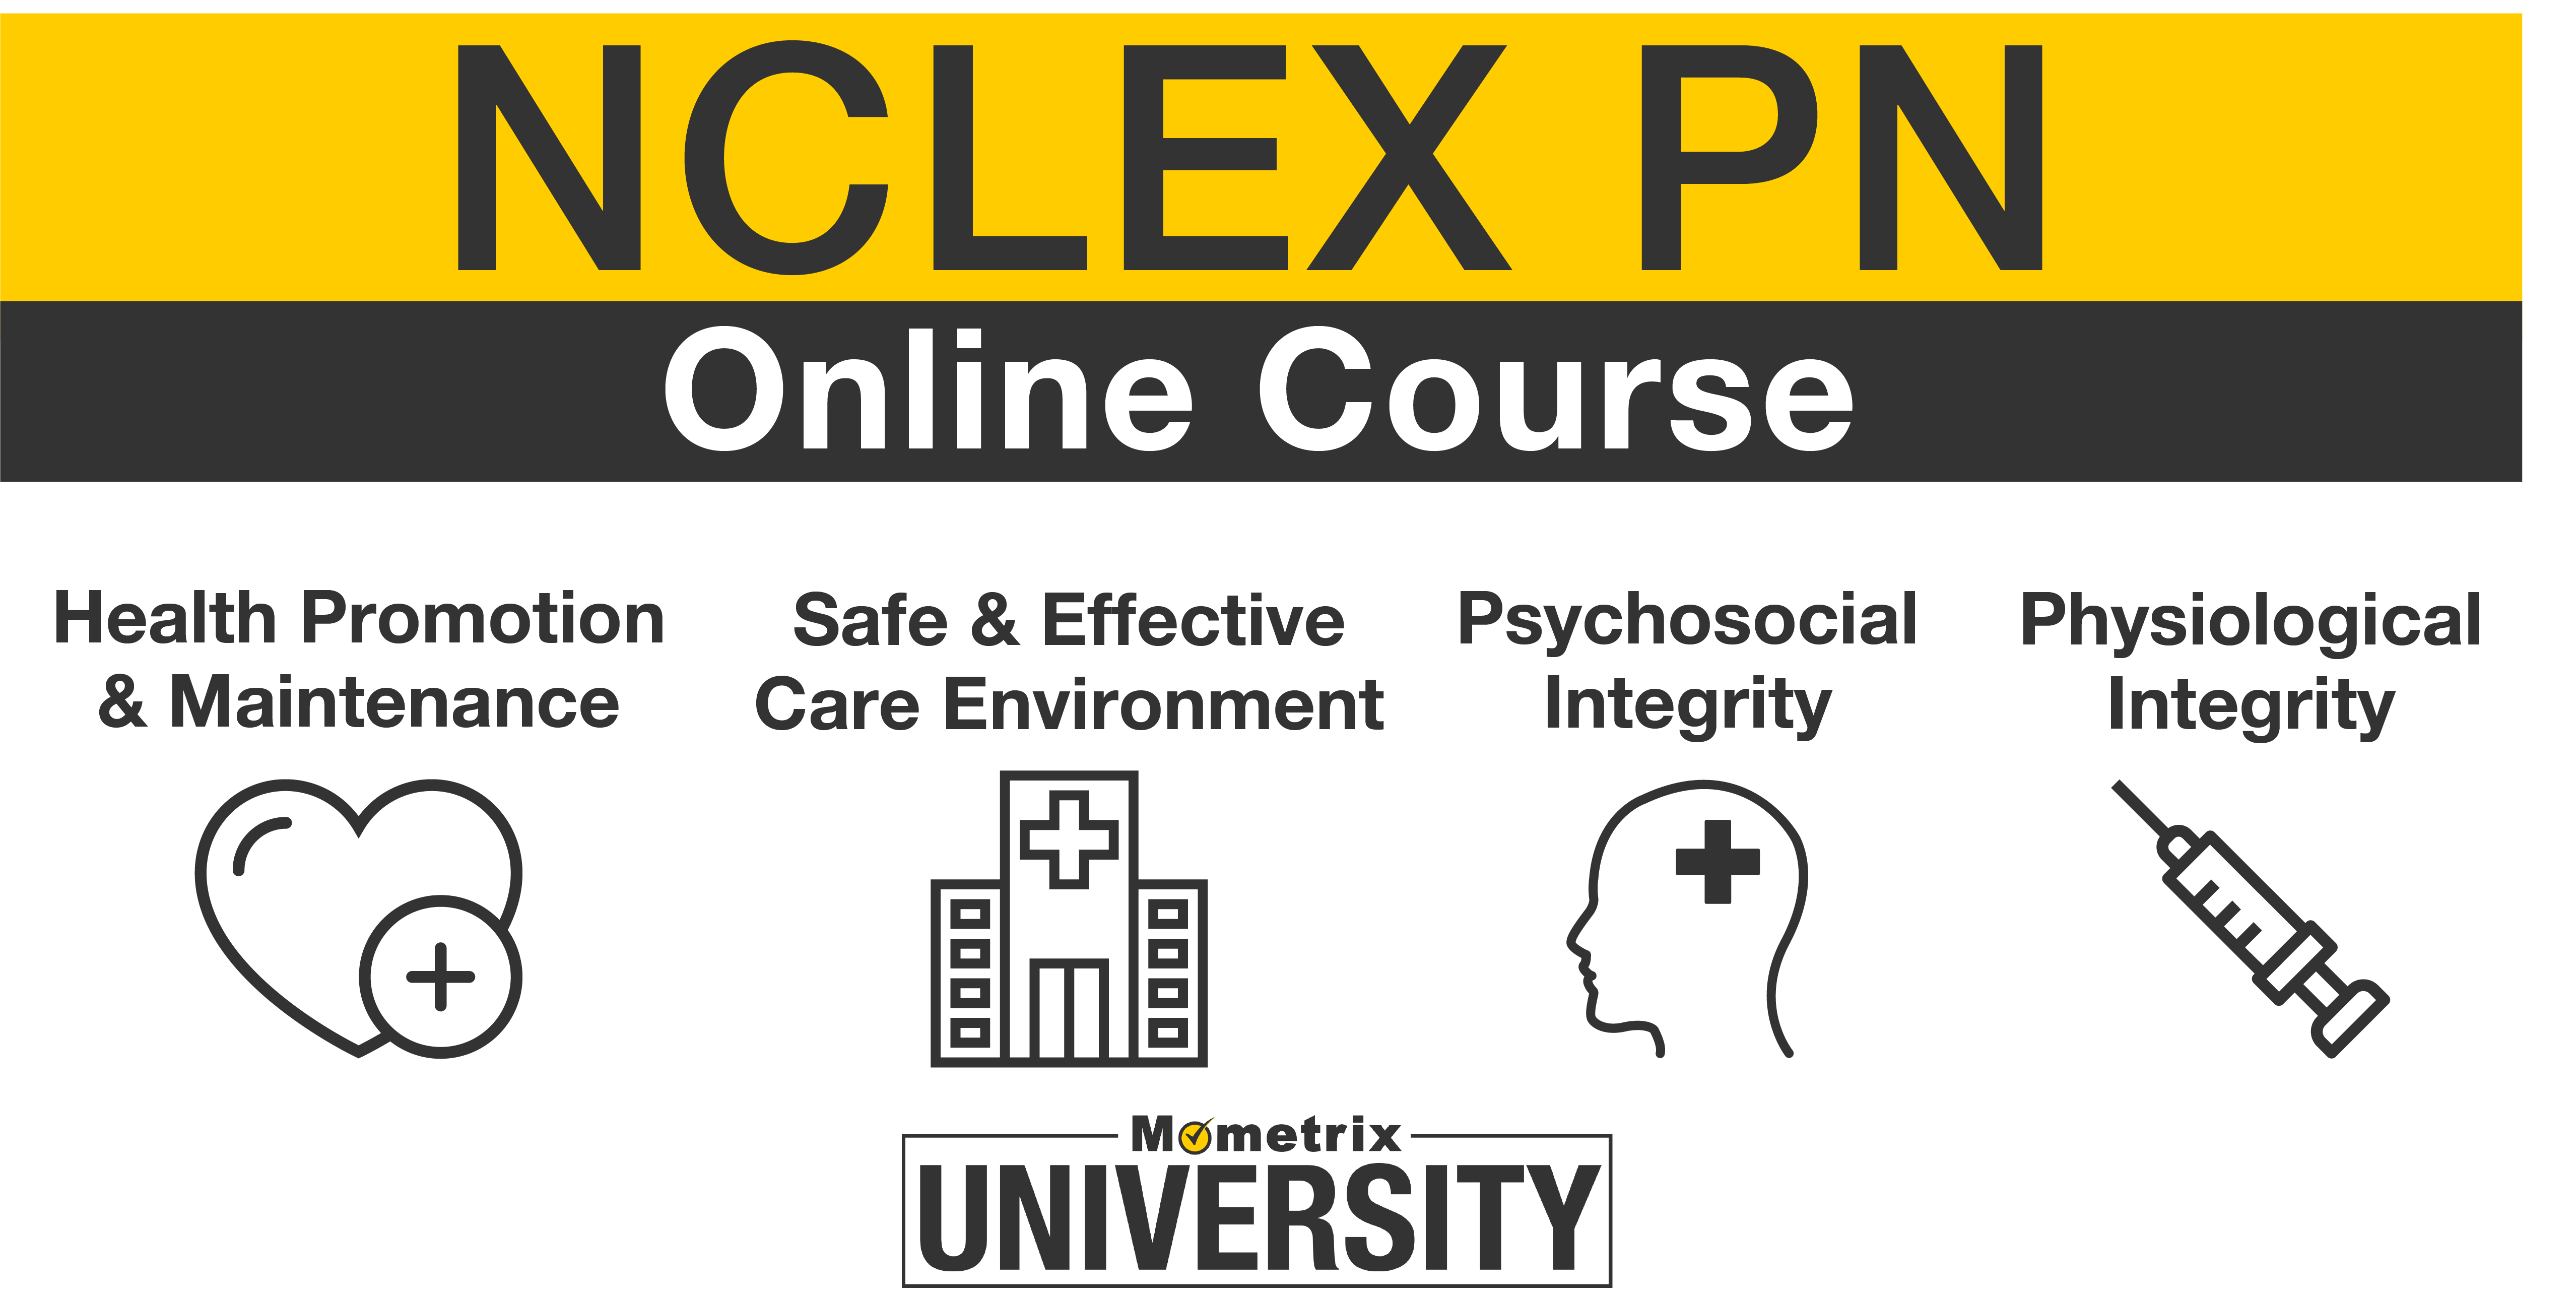 Mometrix NCLEX PN online course